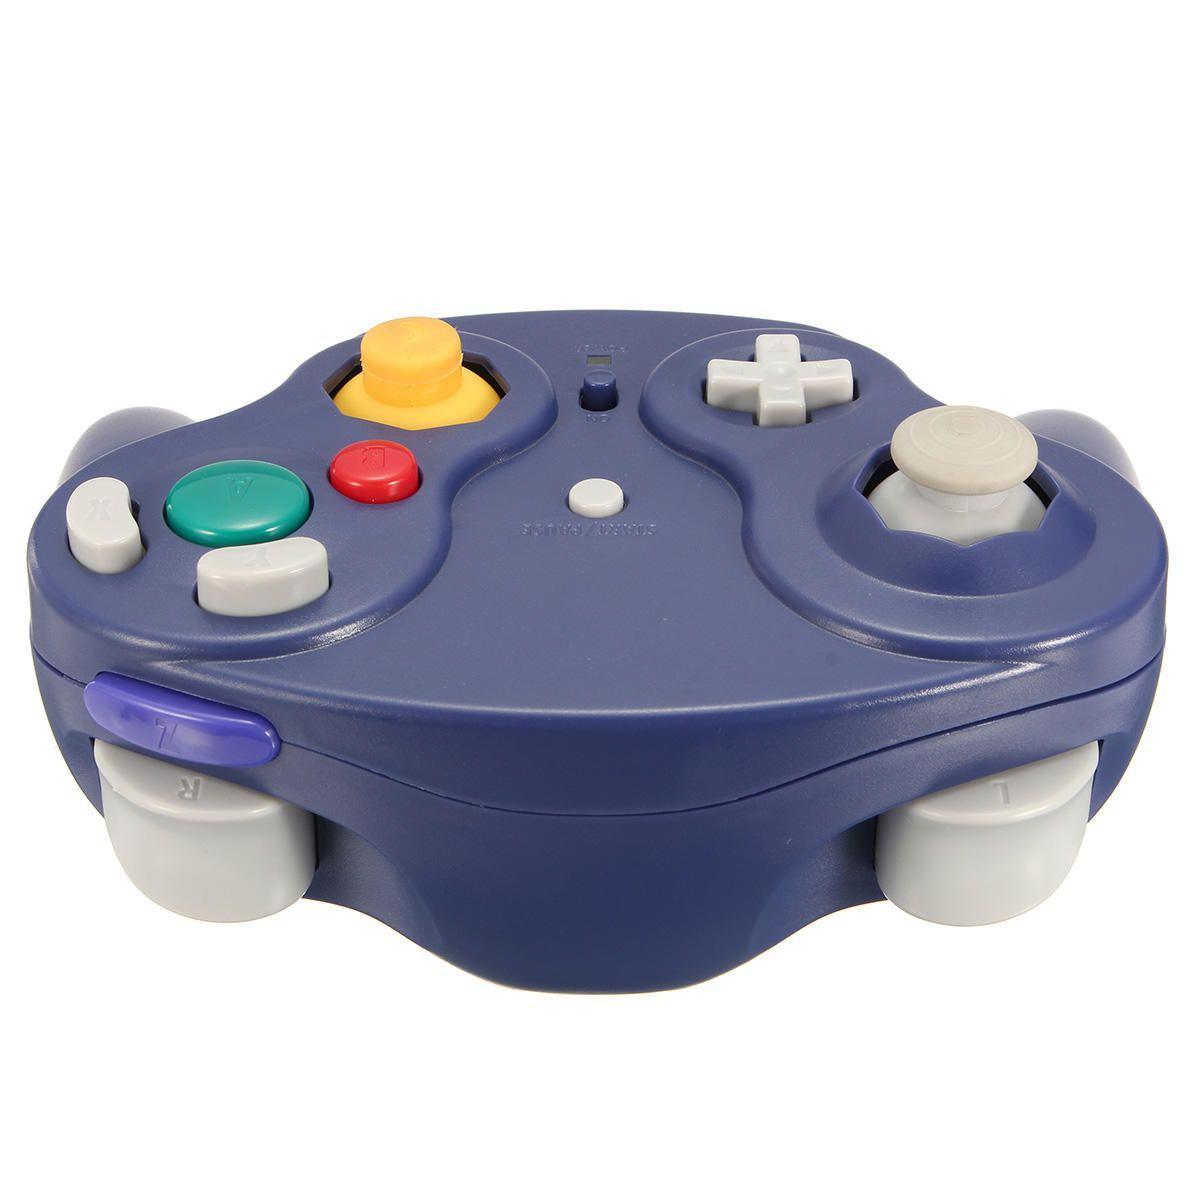 2.4Ghz Kablosuz Denetleyici Oyun Gamepad Nintendo Gamecube NGC Wii - Mor Bir